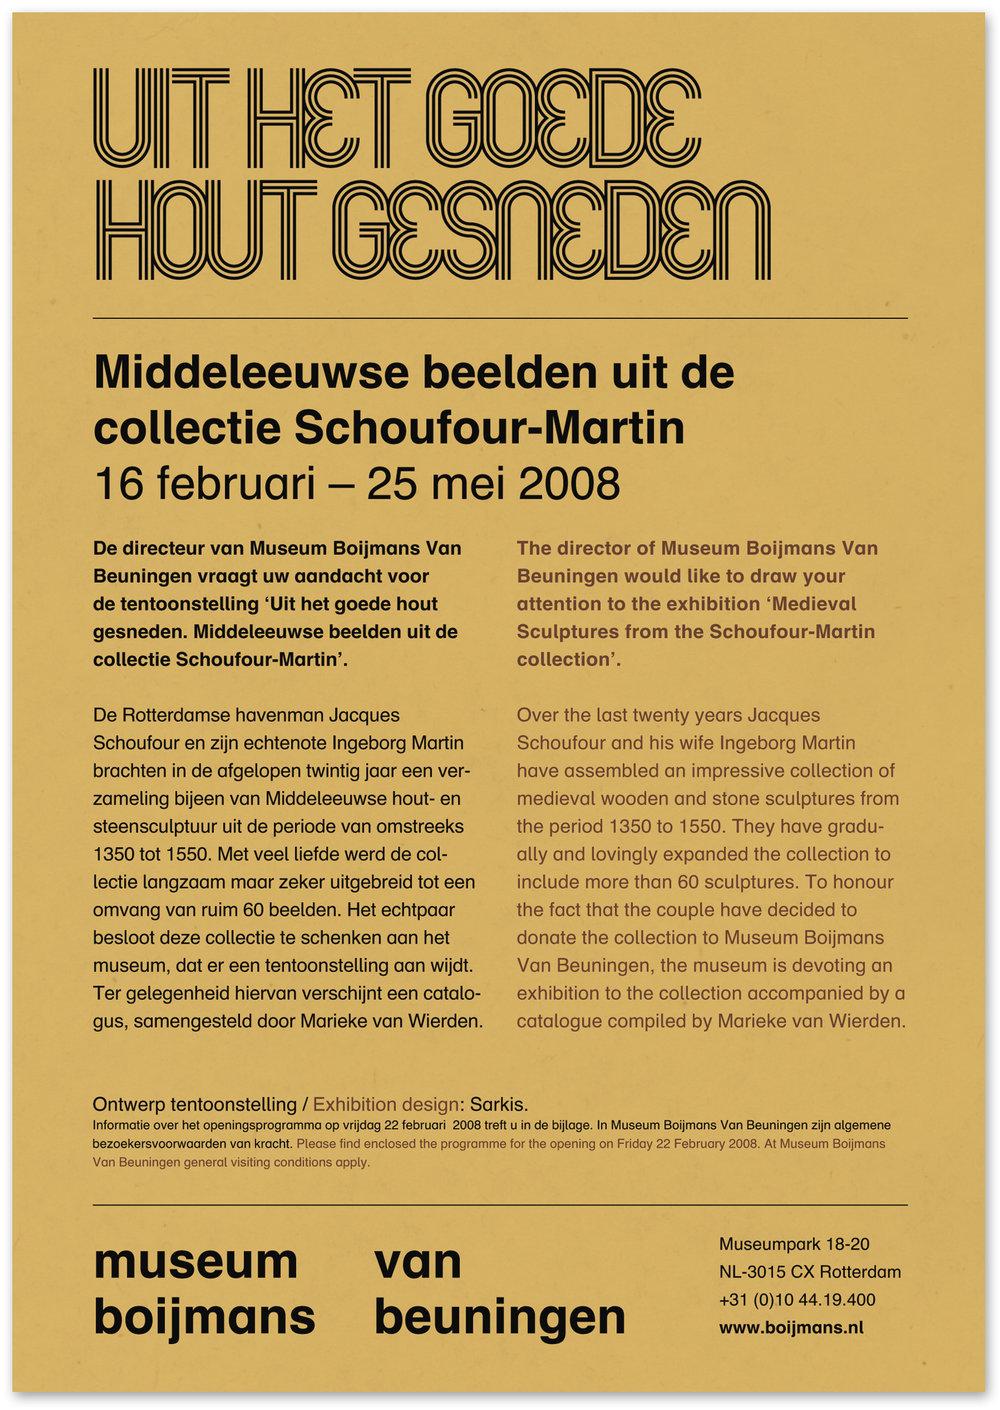 studio_colorado-boijmans_van_beuningen-flyer_goed_hout-2